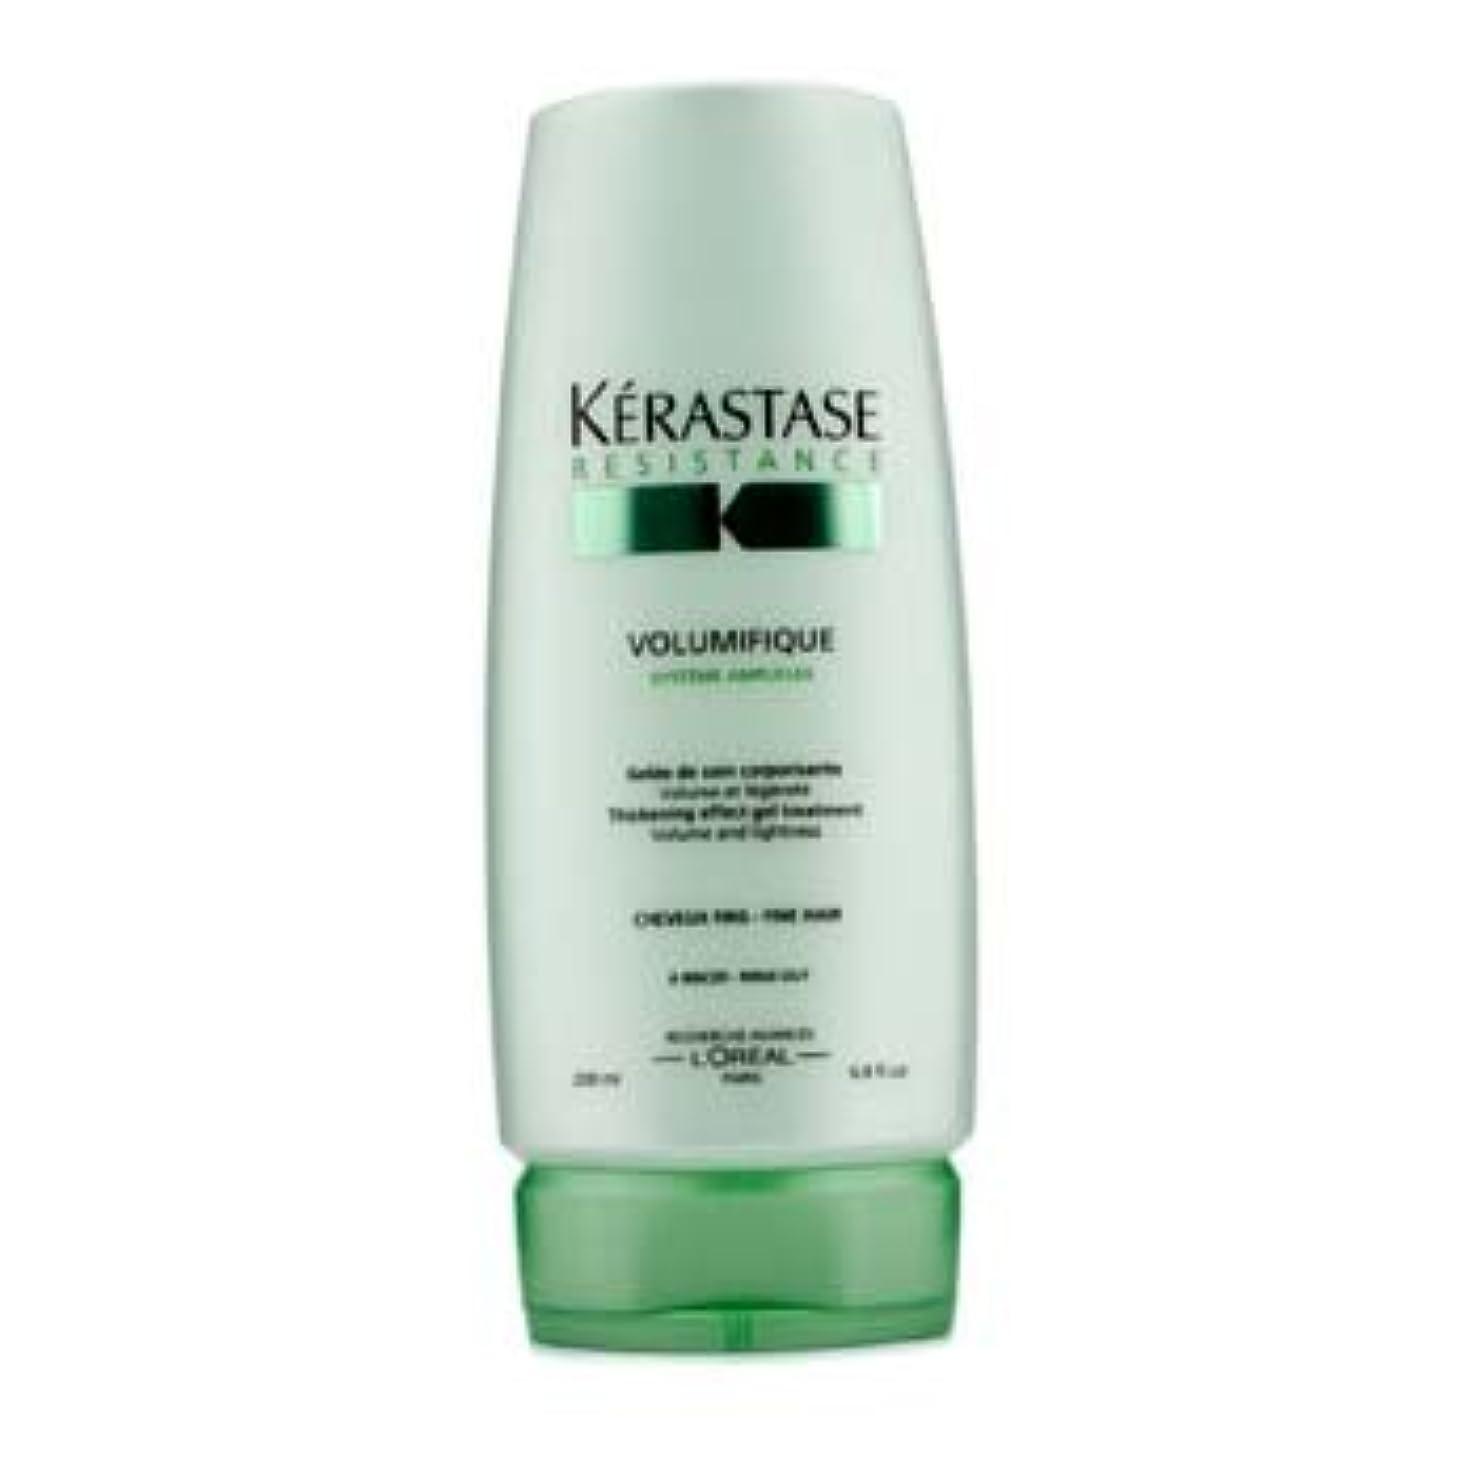 ブレーキポンペイライオンケラスターゼ Resistance Volumifique Thickening Effect Gel Treatment (For Fine Hair) 200ml/6.8oz並行輸入品